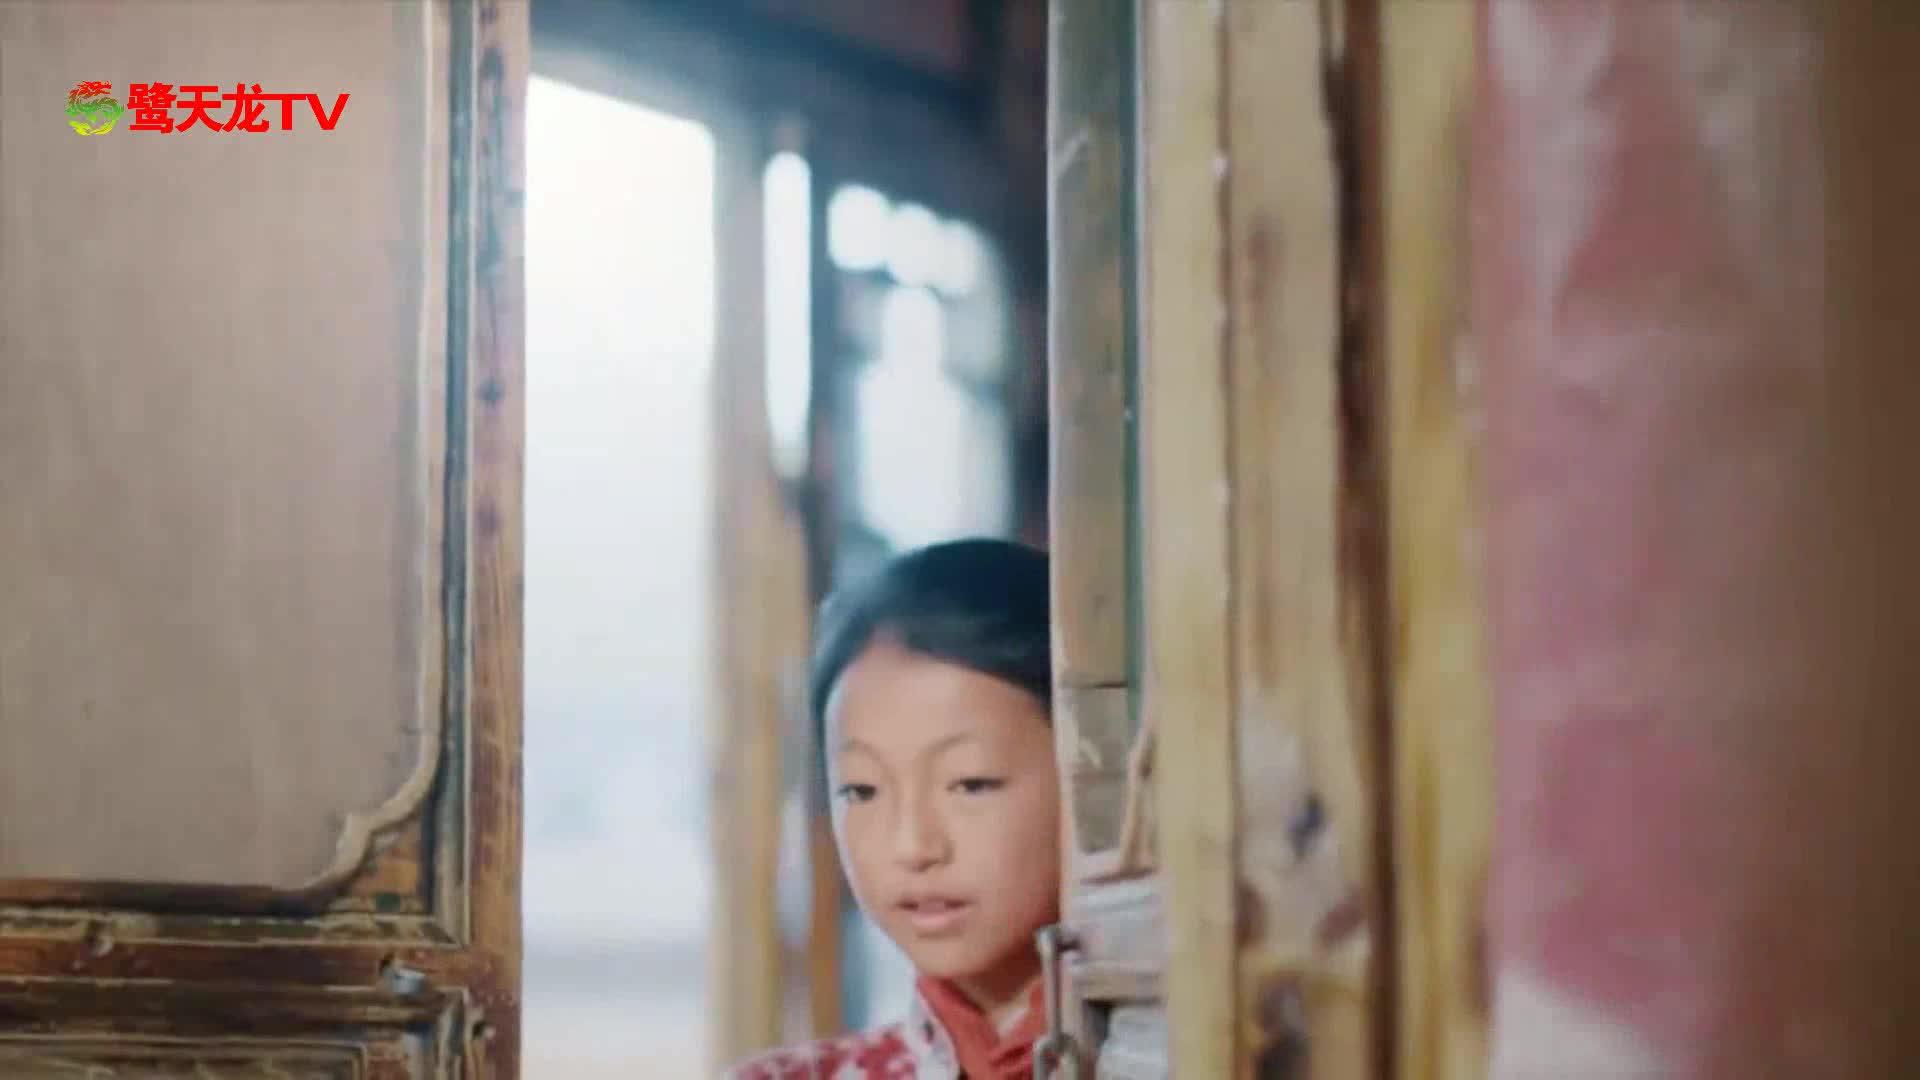 汪峰快乐开嗓  让世界听见大山深处孩子们的声音